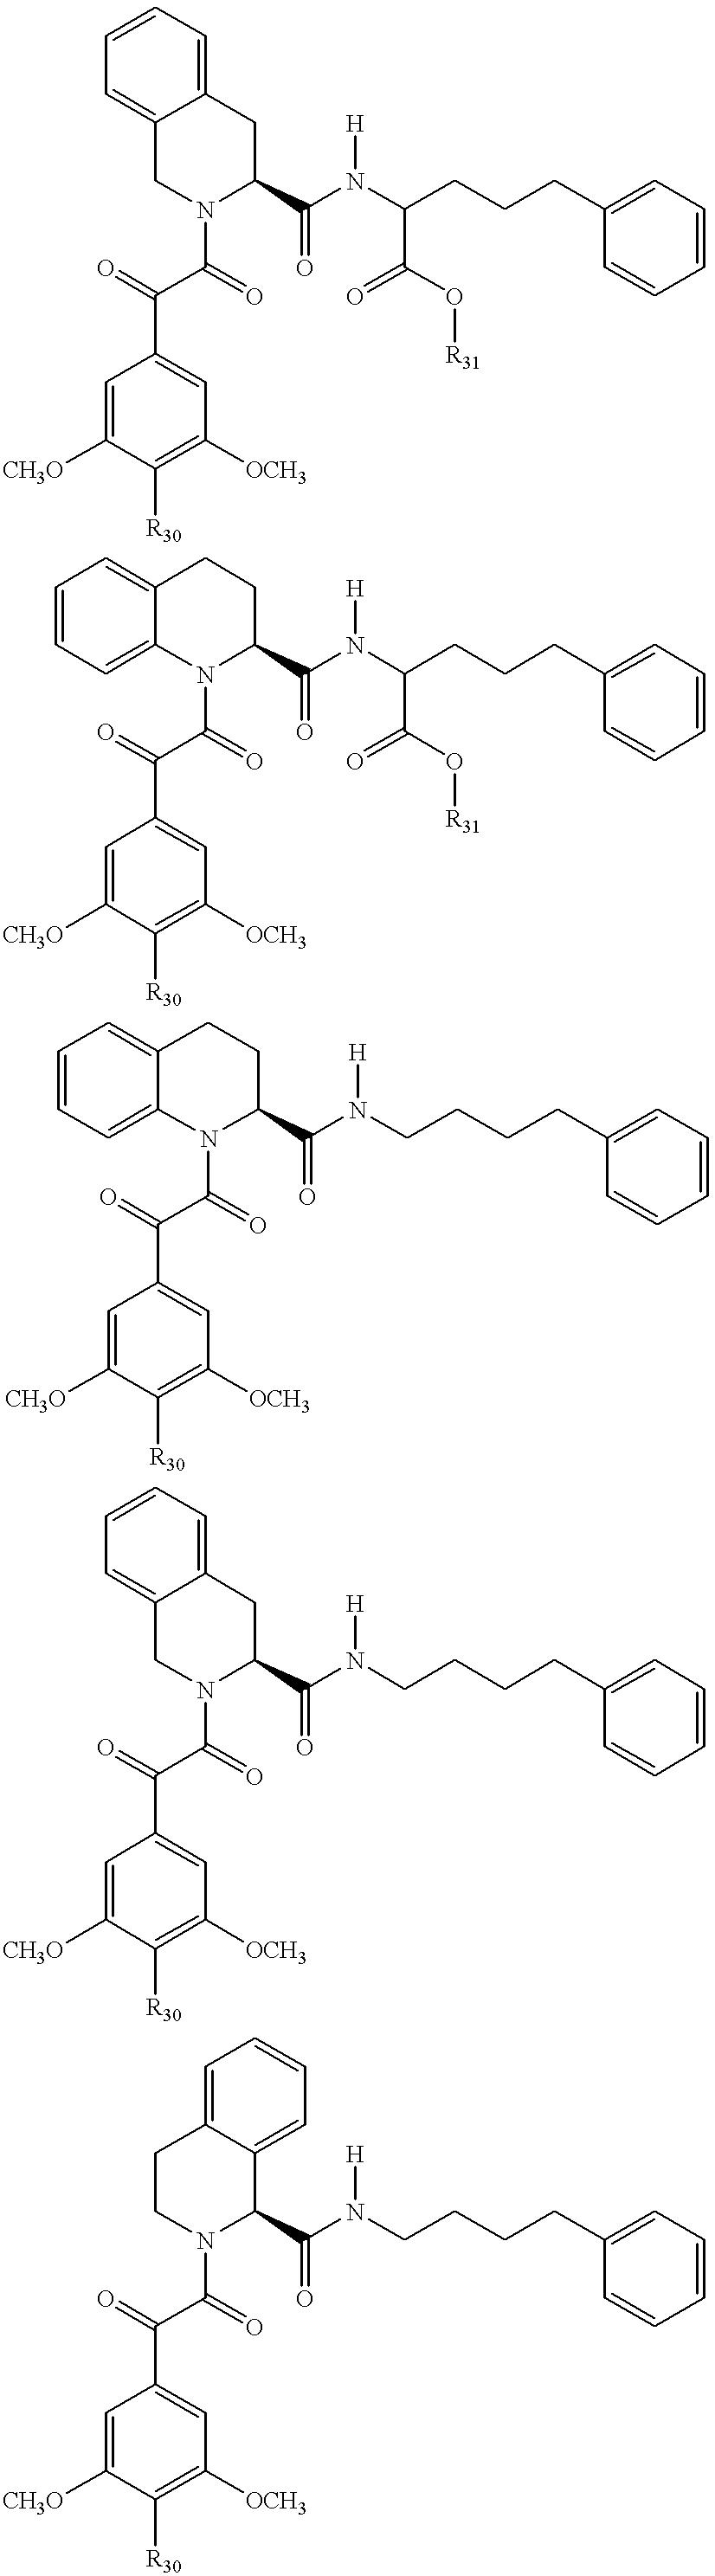 Figure US06307049-20011023-C00074